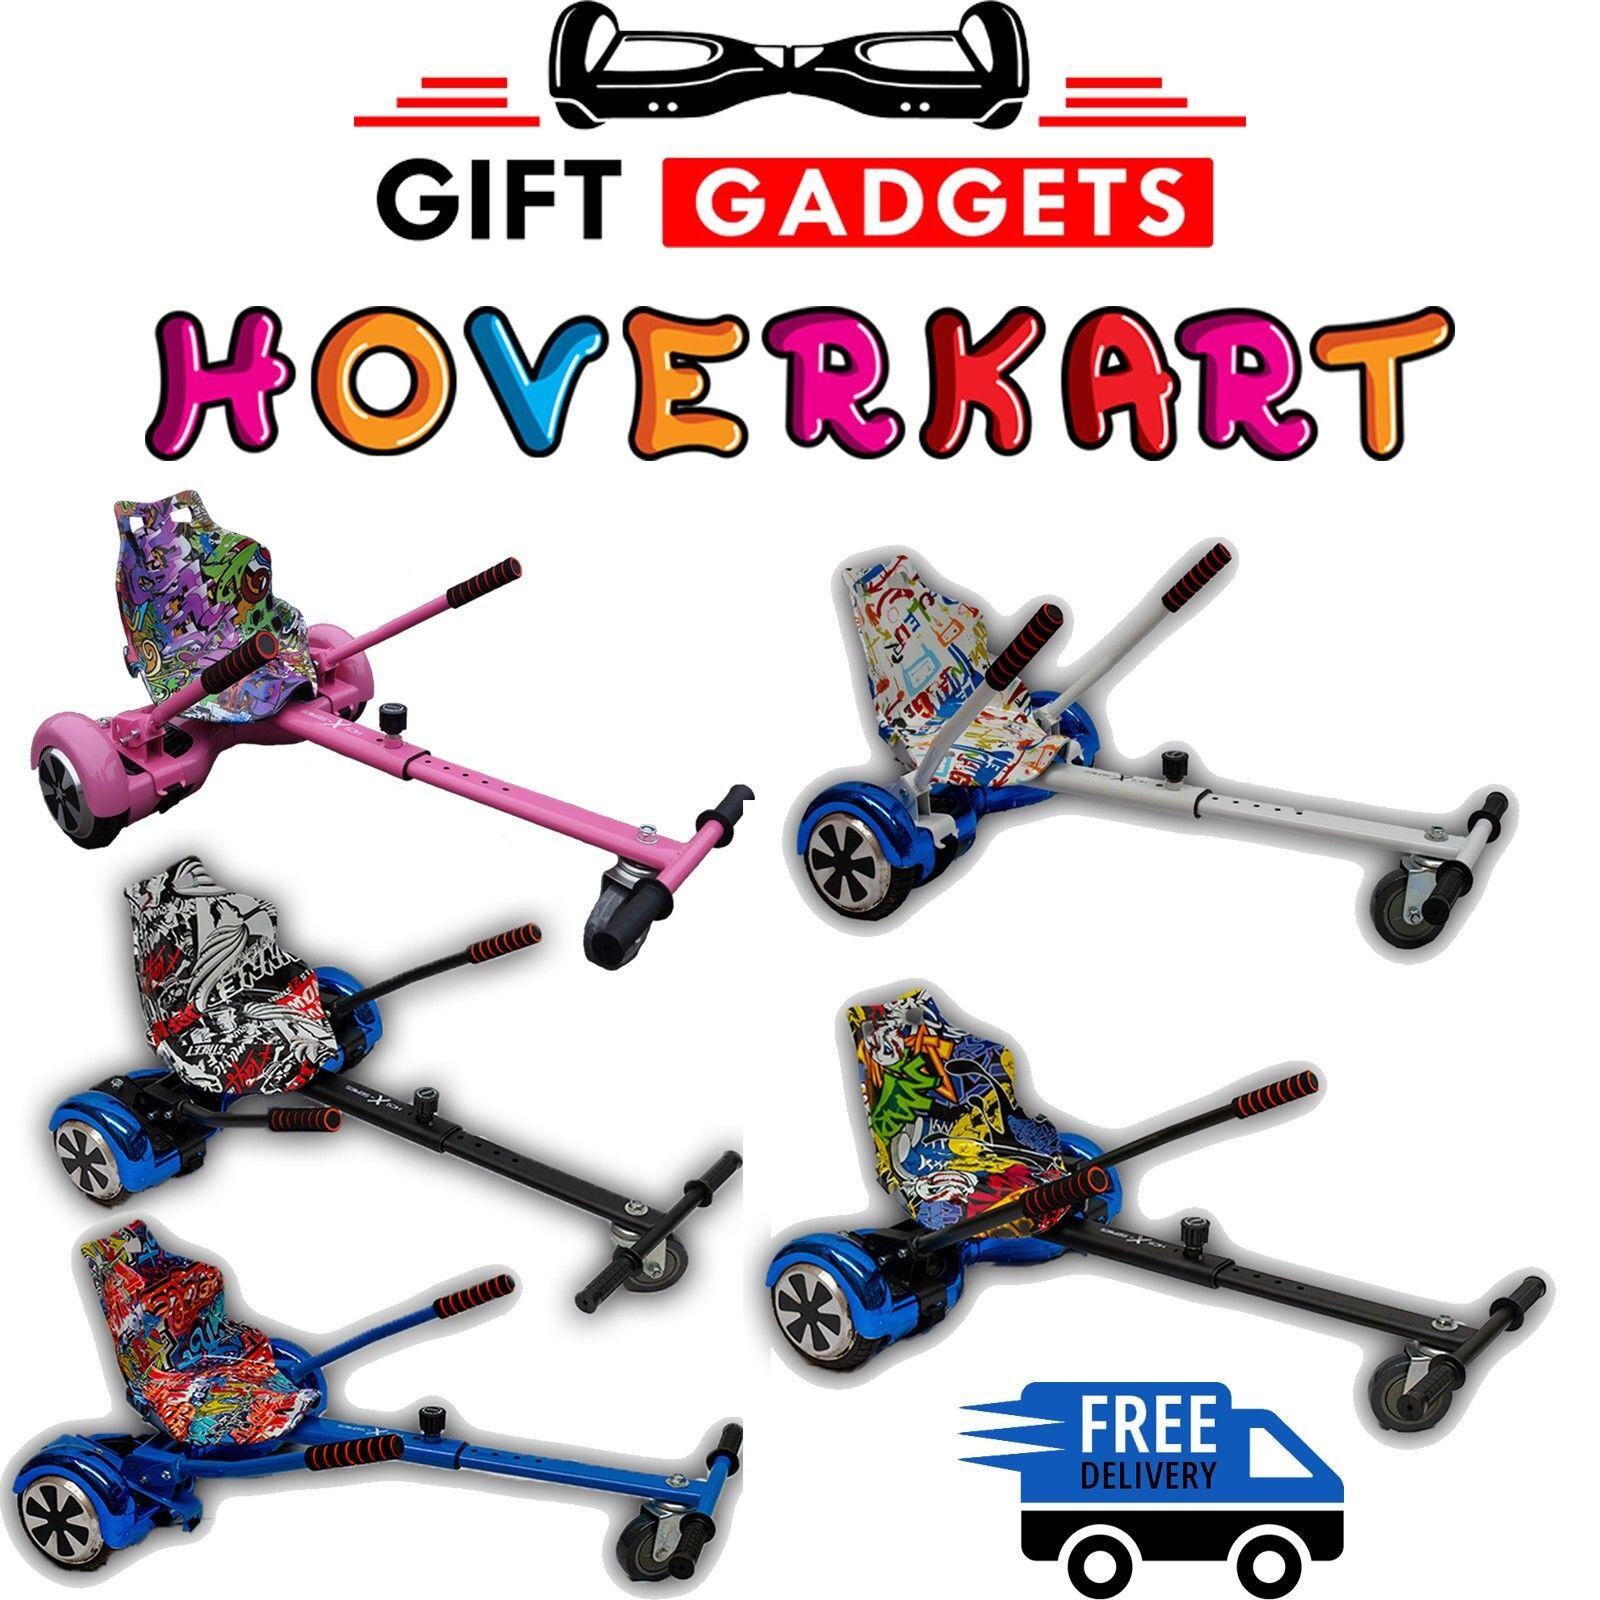 Hoverkart Go Hover Kart Racer Adjustable For Self Balancing Scooter 6.5  8  10